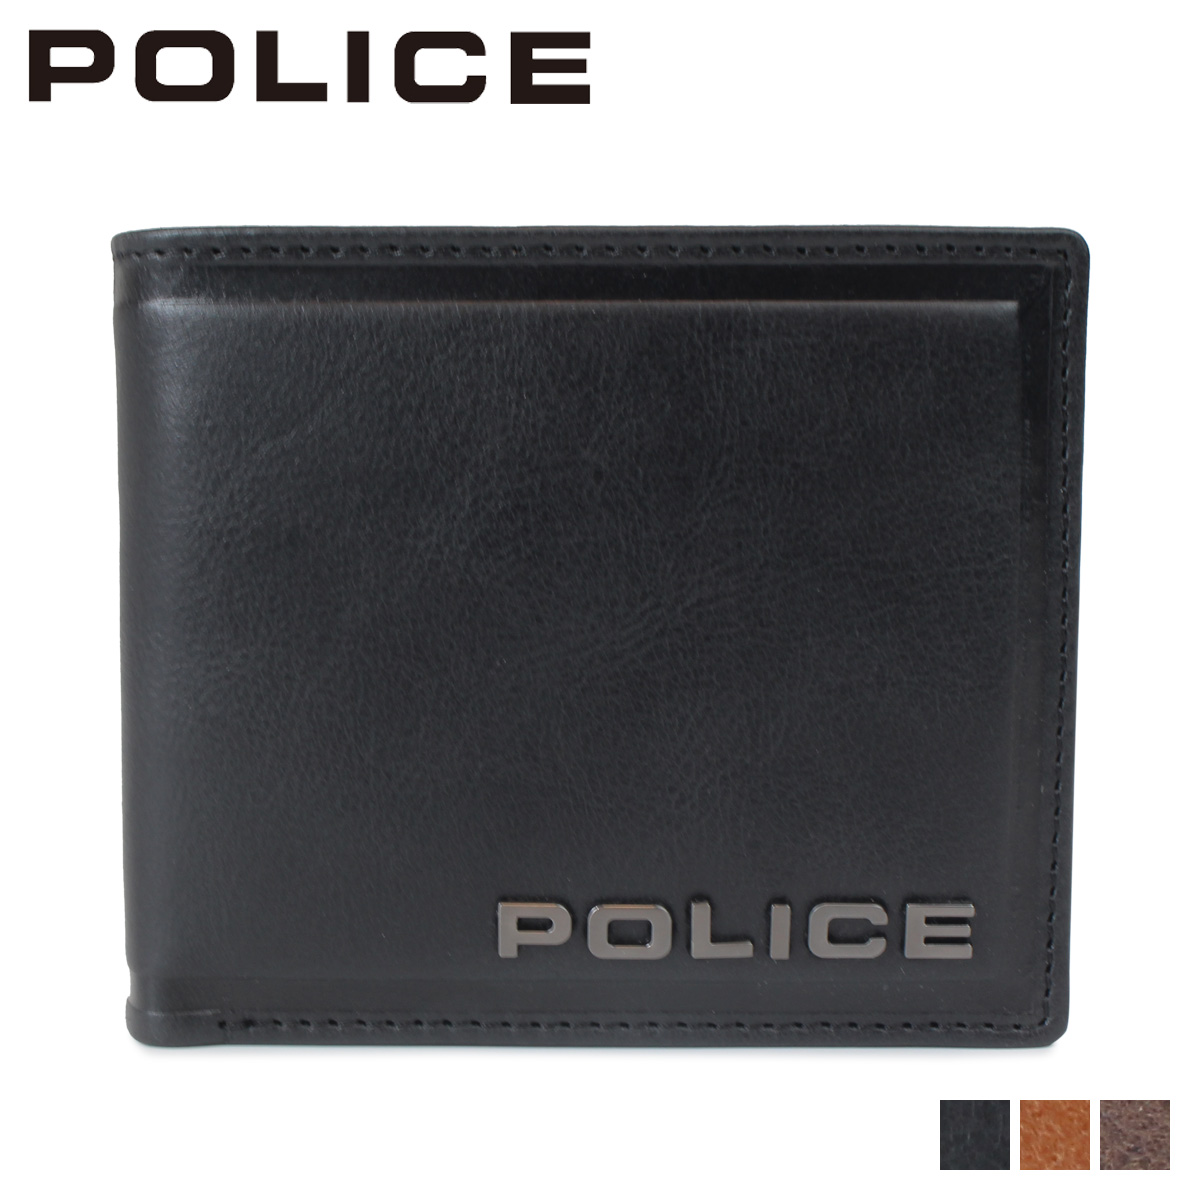 POLICE ポリス 財布 二つ折り メンズ レザー EDGE SHORT WALLET ブラック キャメル ダーク ブラウン 黒 PA-58000